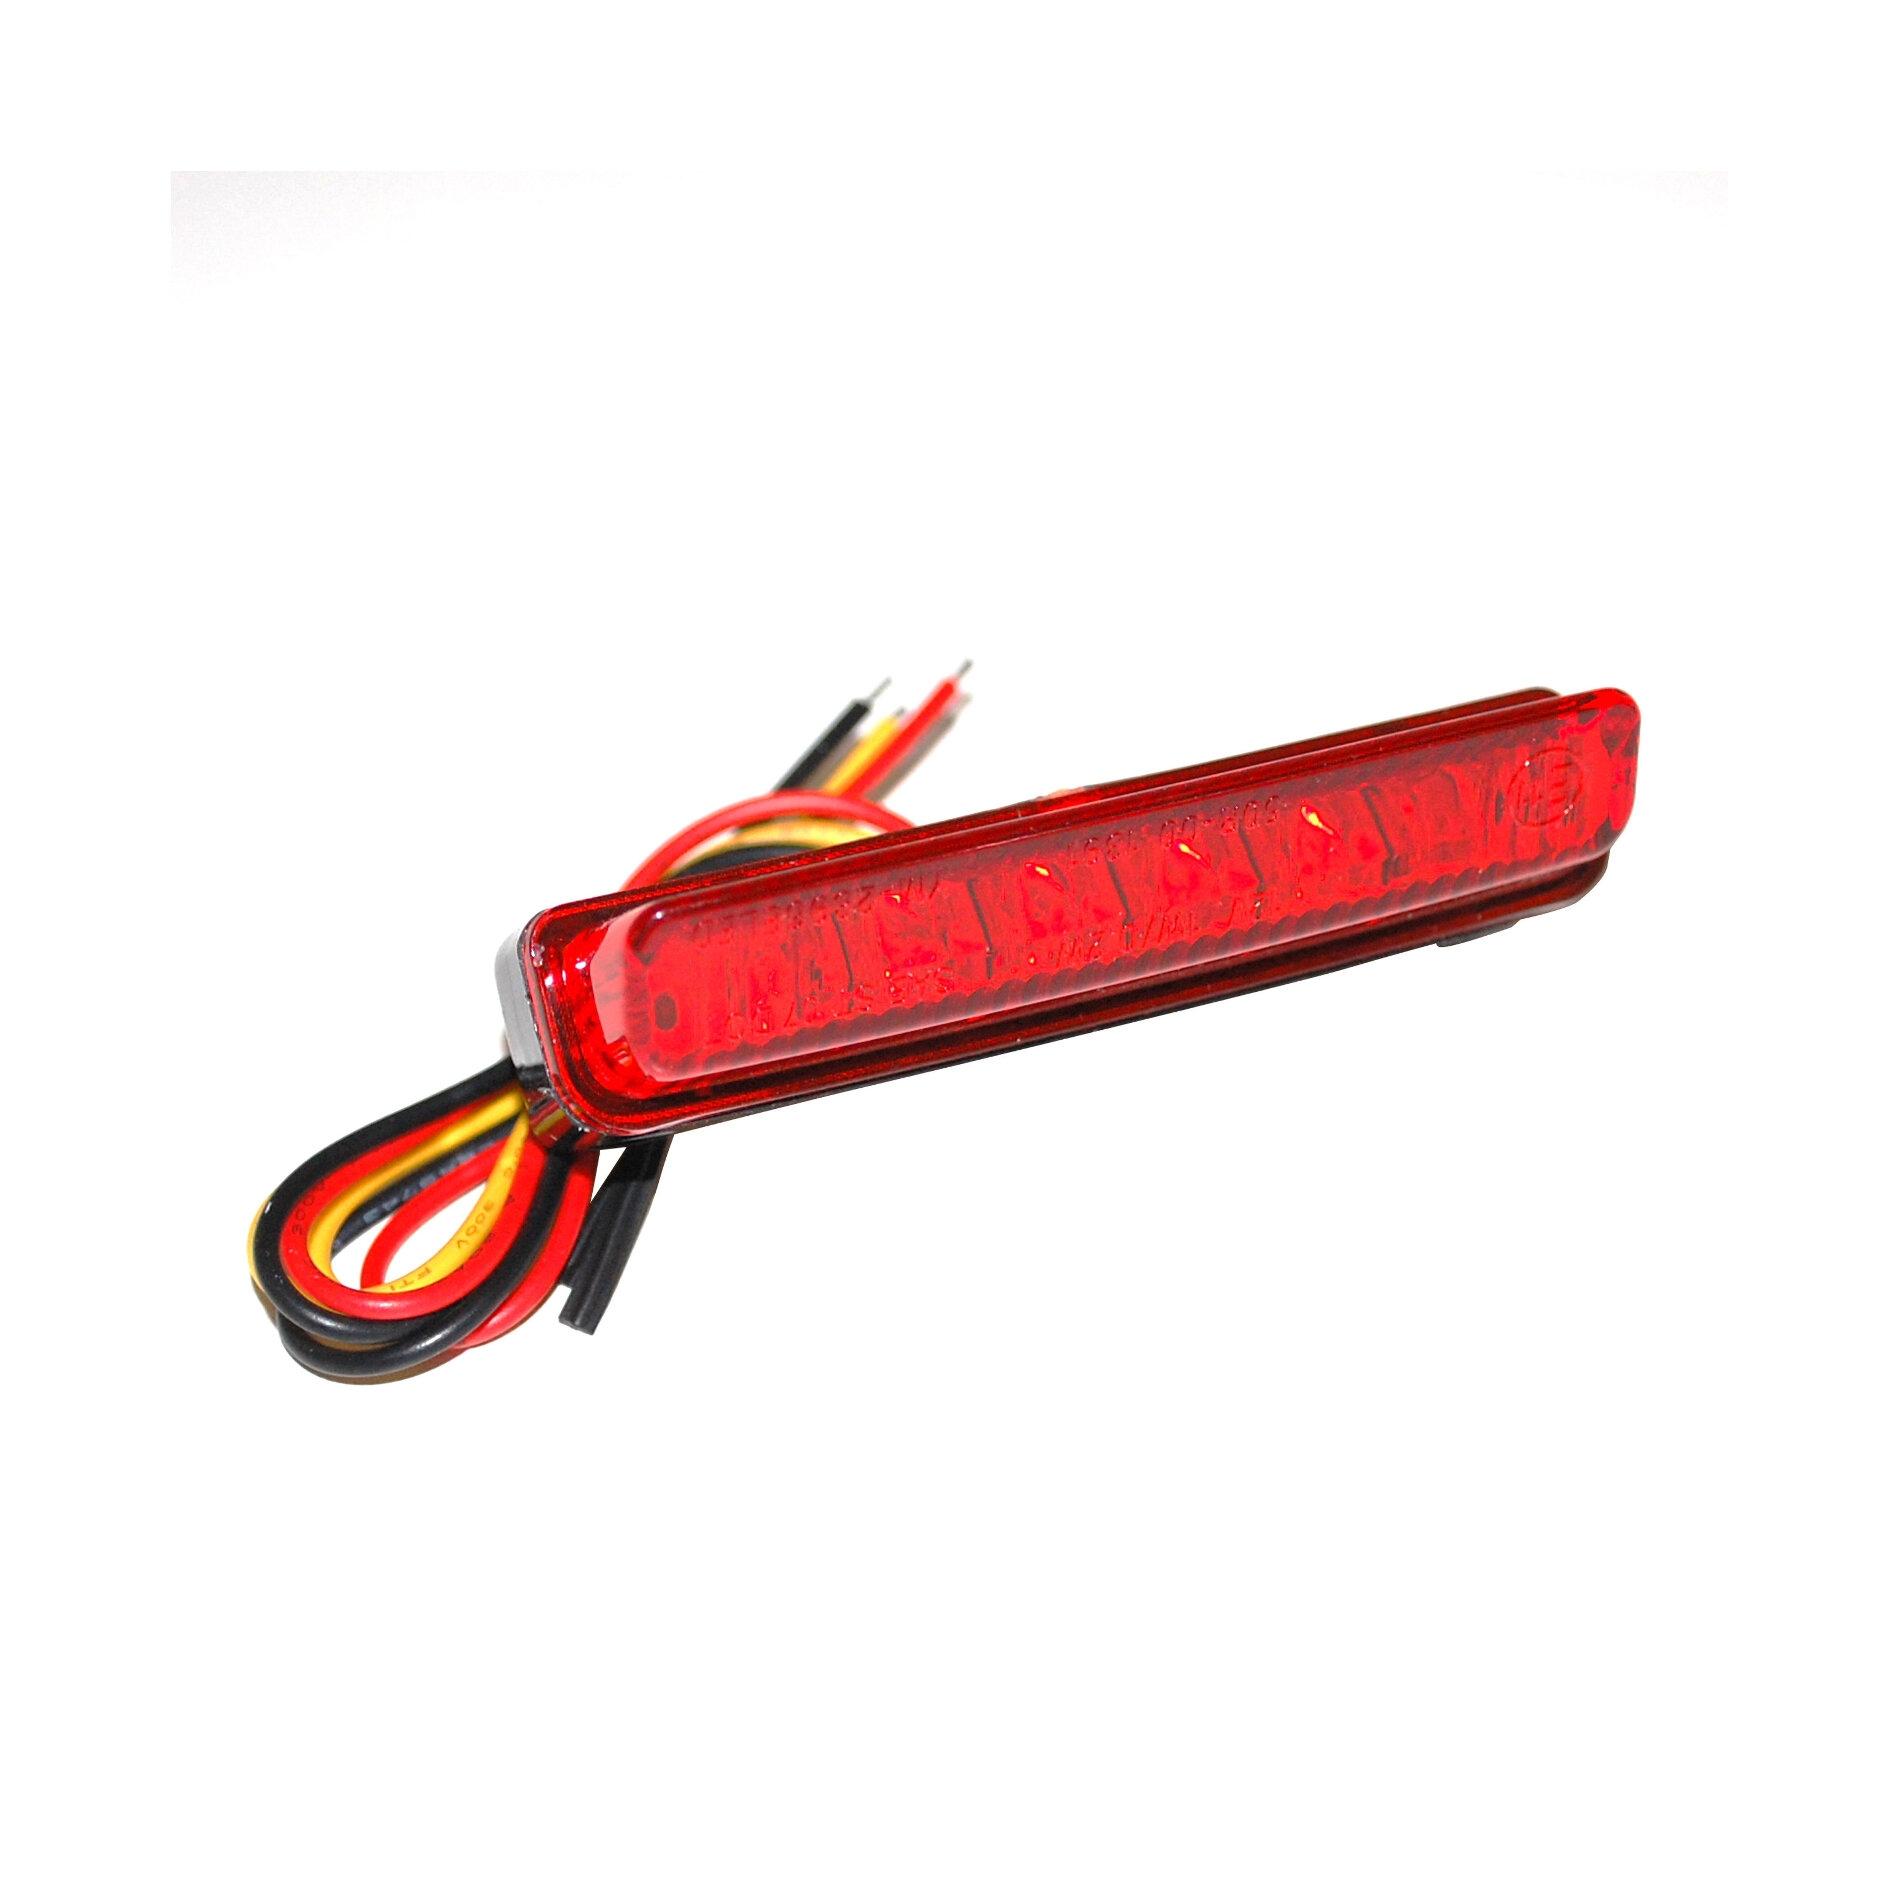 Feu arrière universel Replay à leds barette rouge/noir avec stop